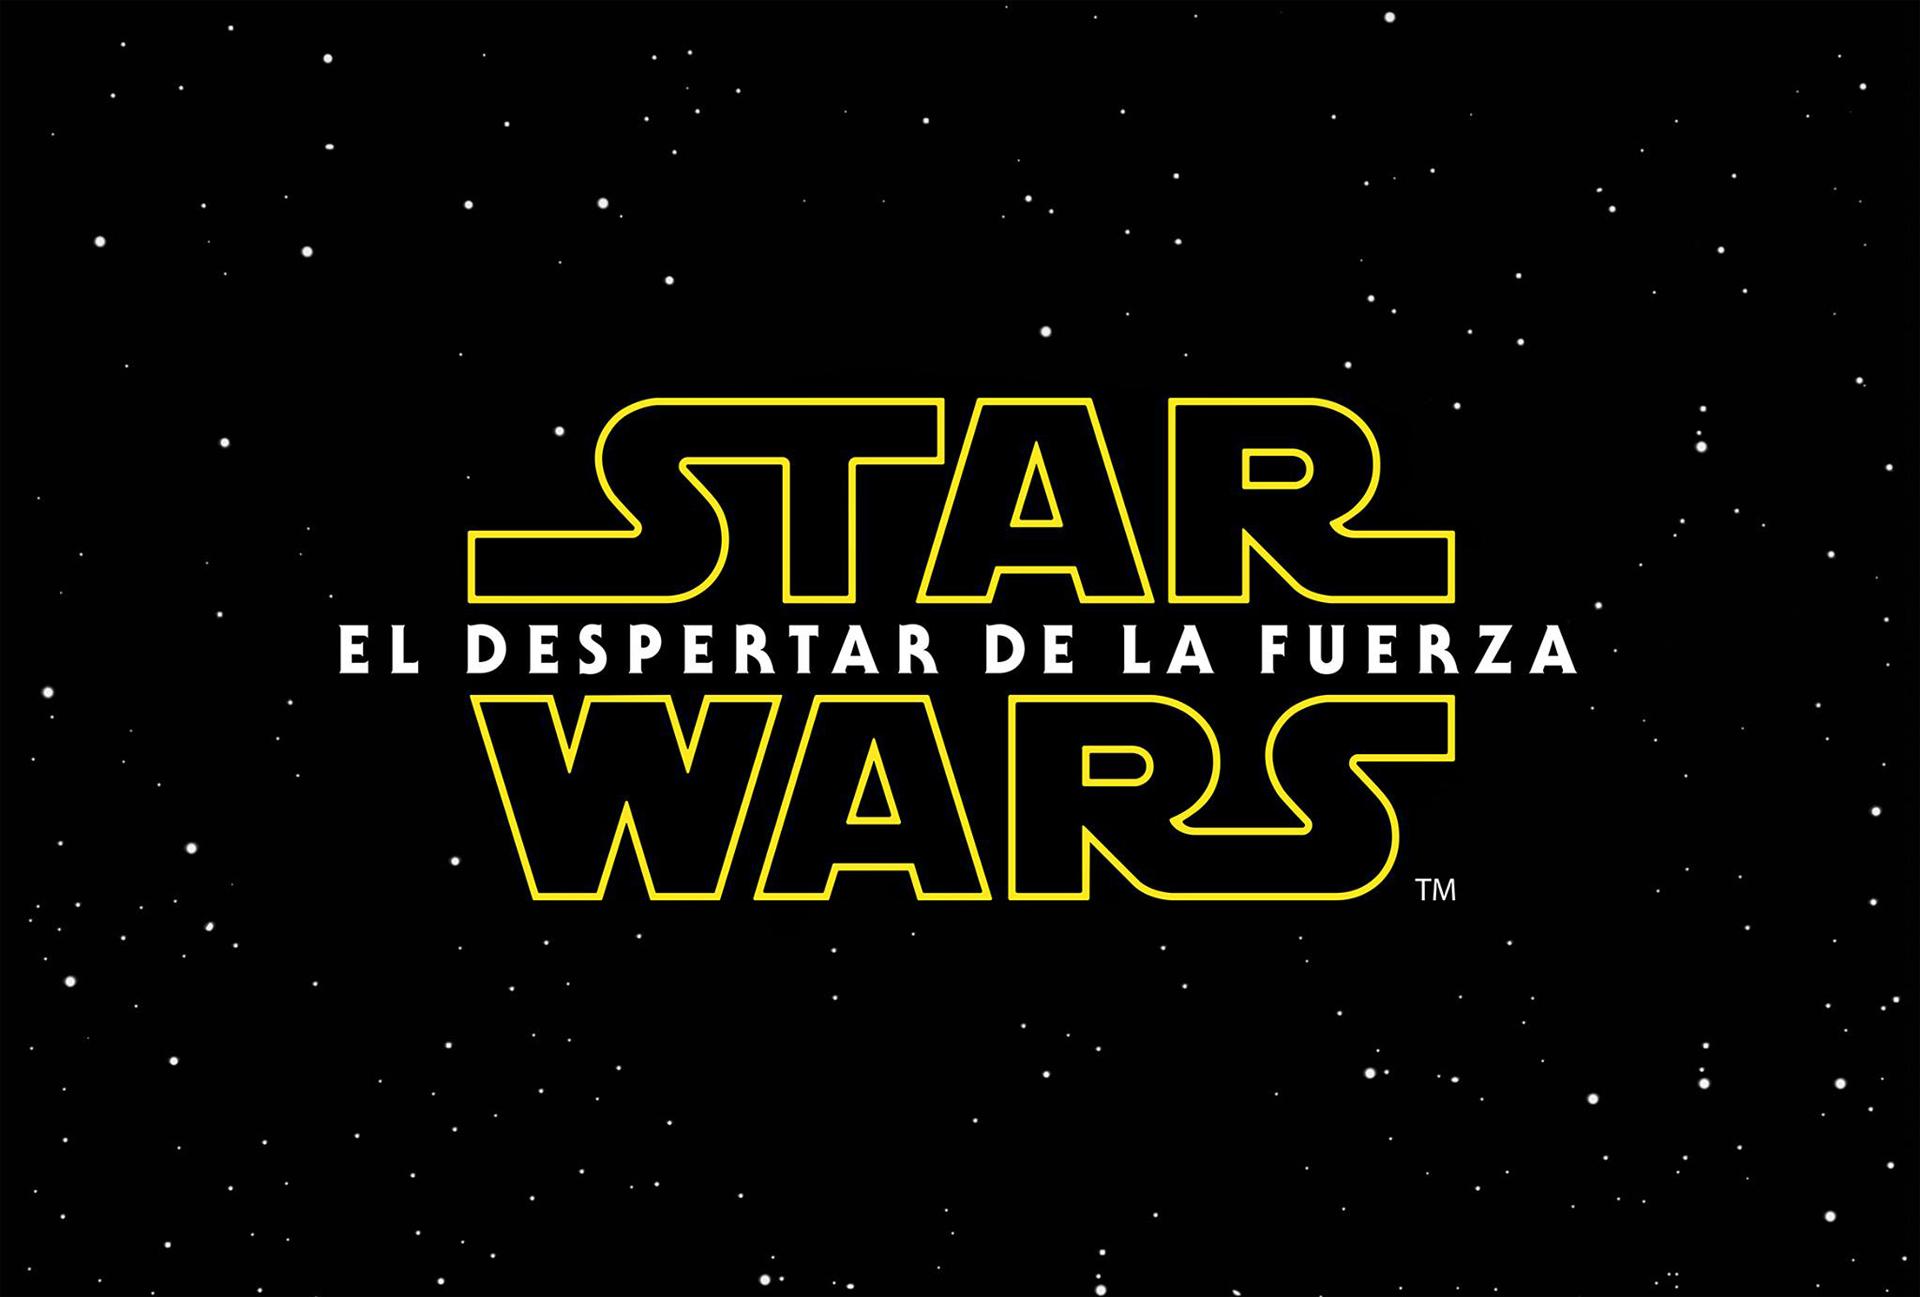 """Disney y Lucasfilm conceden deseo a Daniel Feetwood, enfermo de cáncer terminal, de ver la próxima saga de """"Star Wars, El despertar de la Fueza"""""""